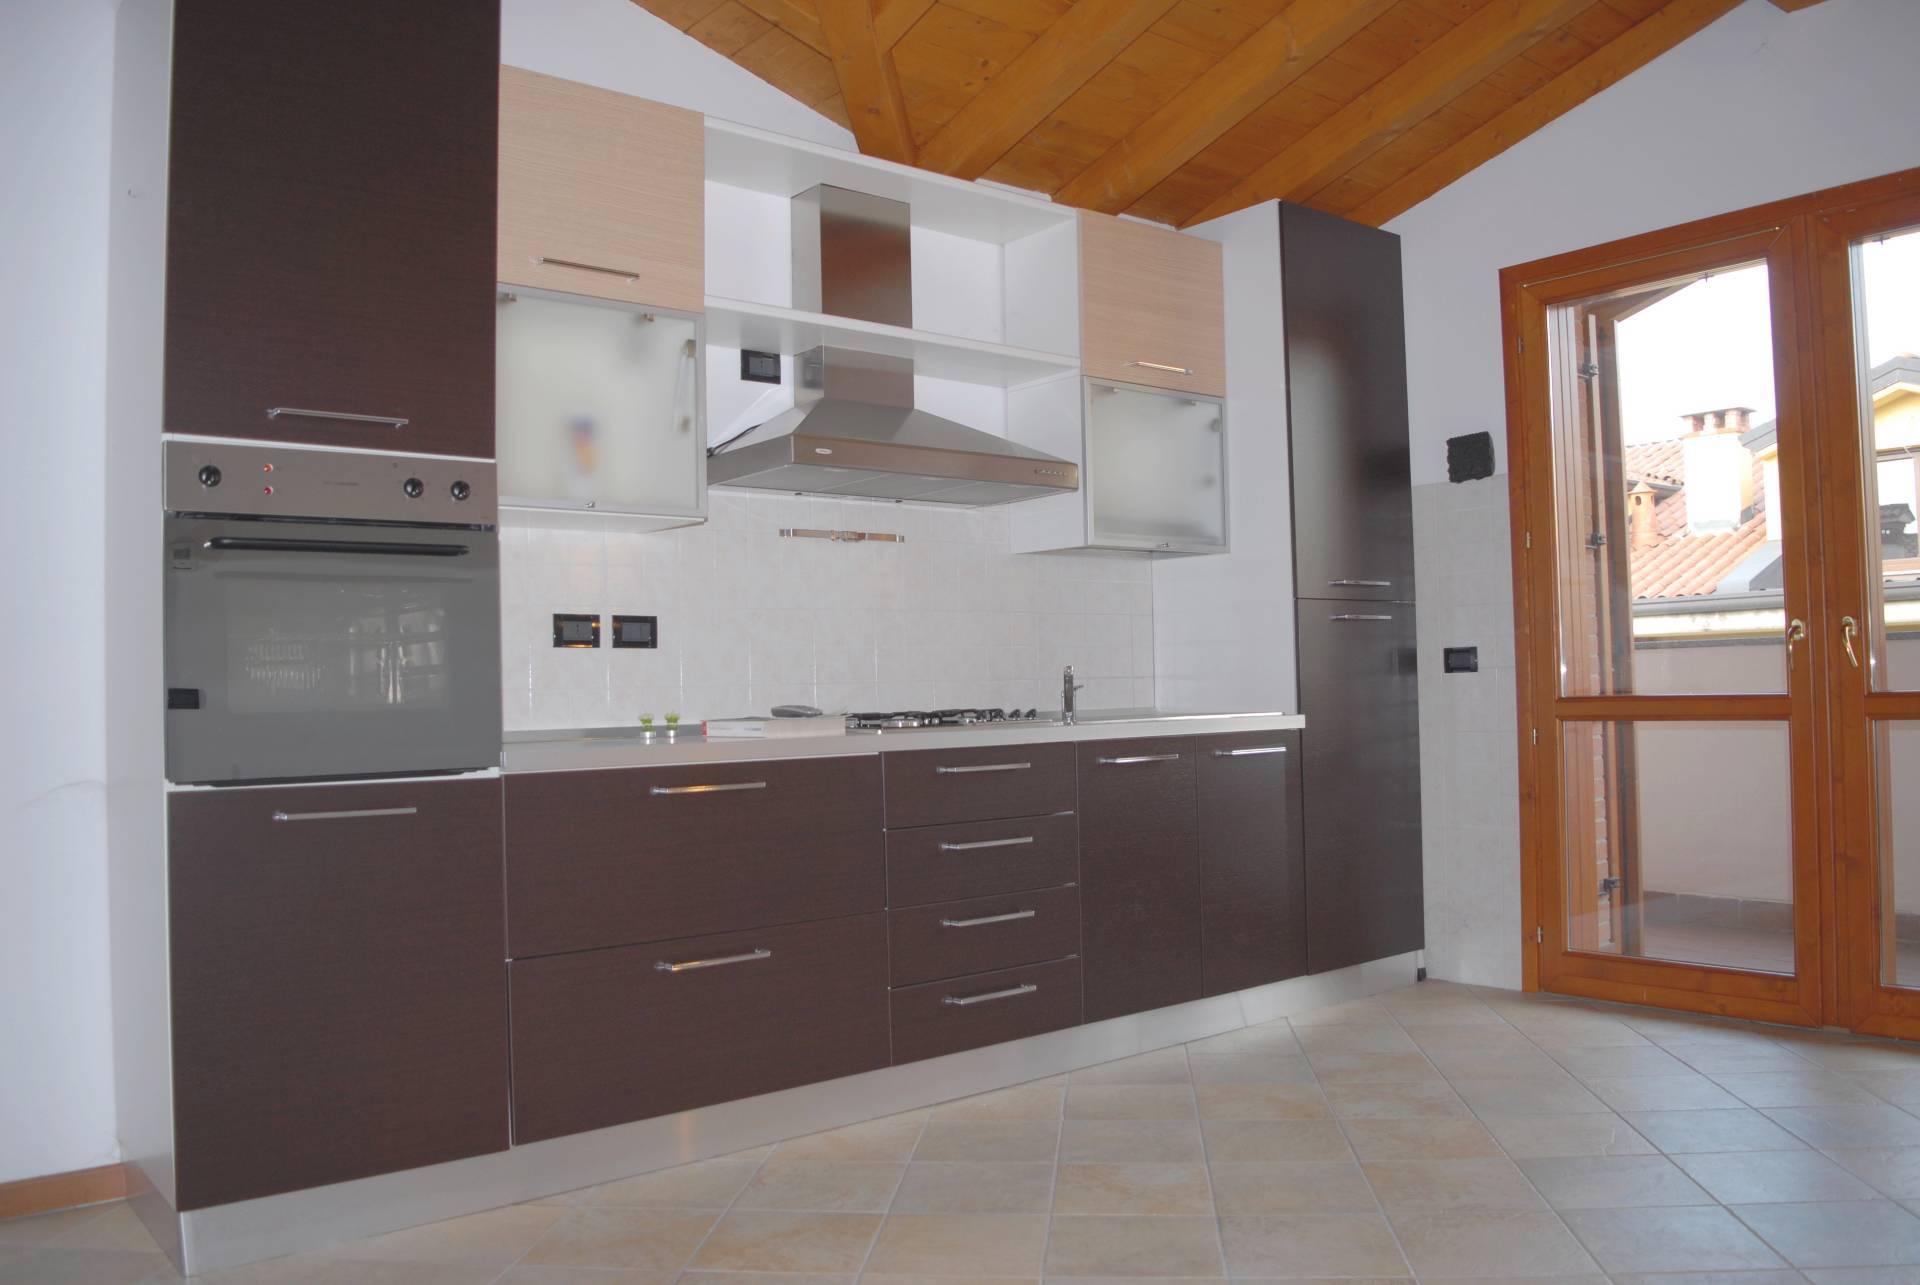 Appartamento in affitto a Calco, 2 locali, prezzo € 490 | CambioCasa.it